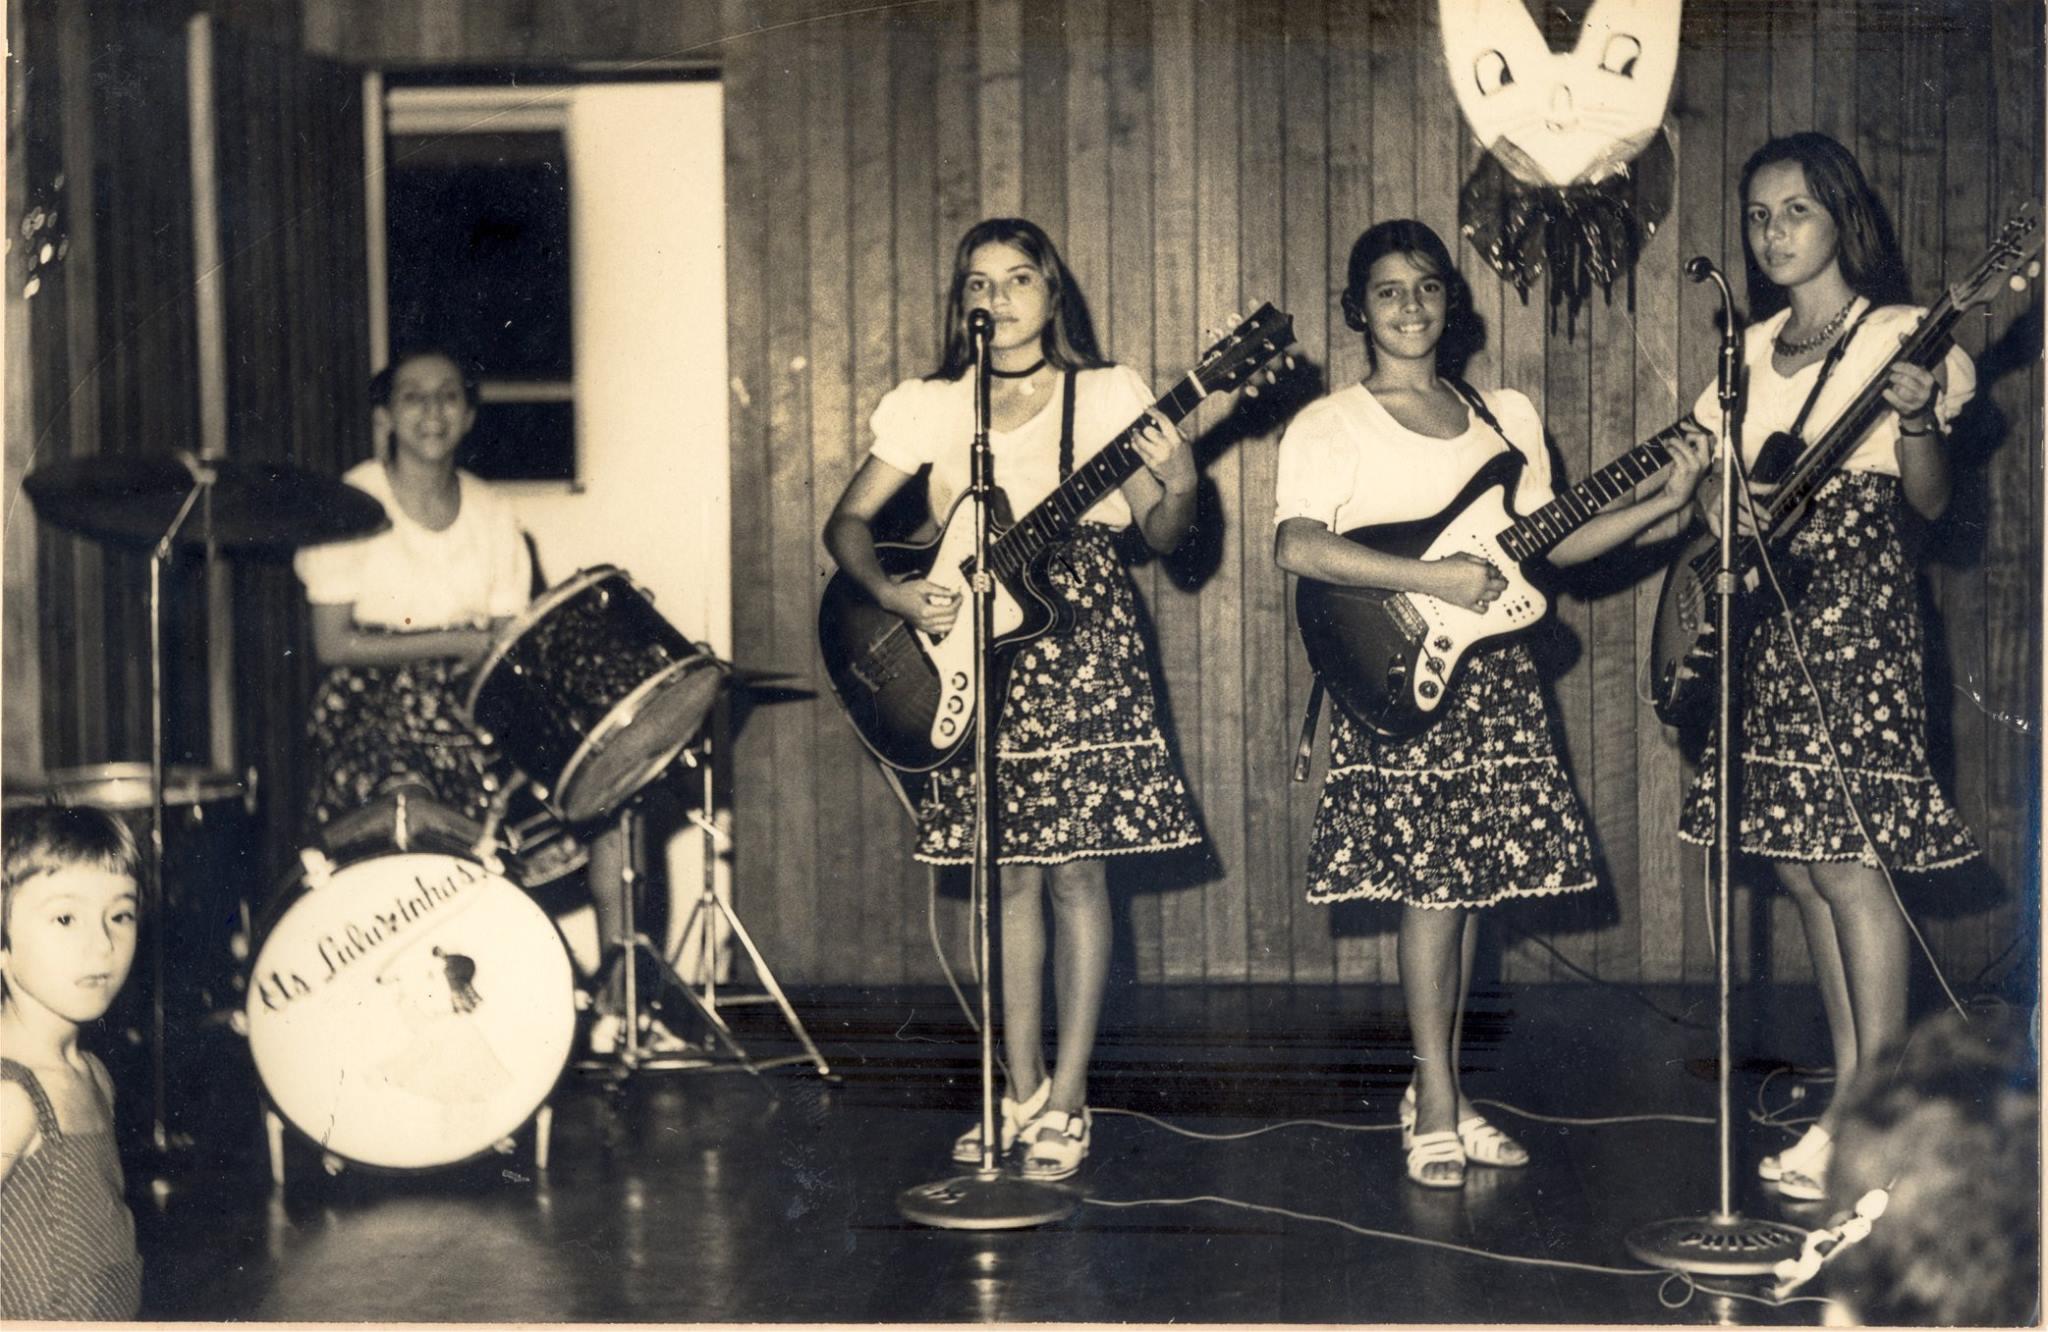 Jovem guarda 50 anos homenagens we love the beatles - Musica anos 50 americana ...